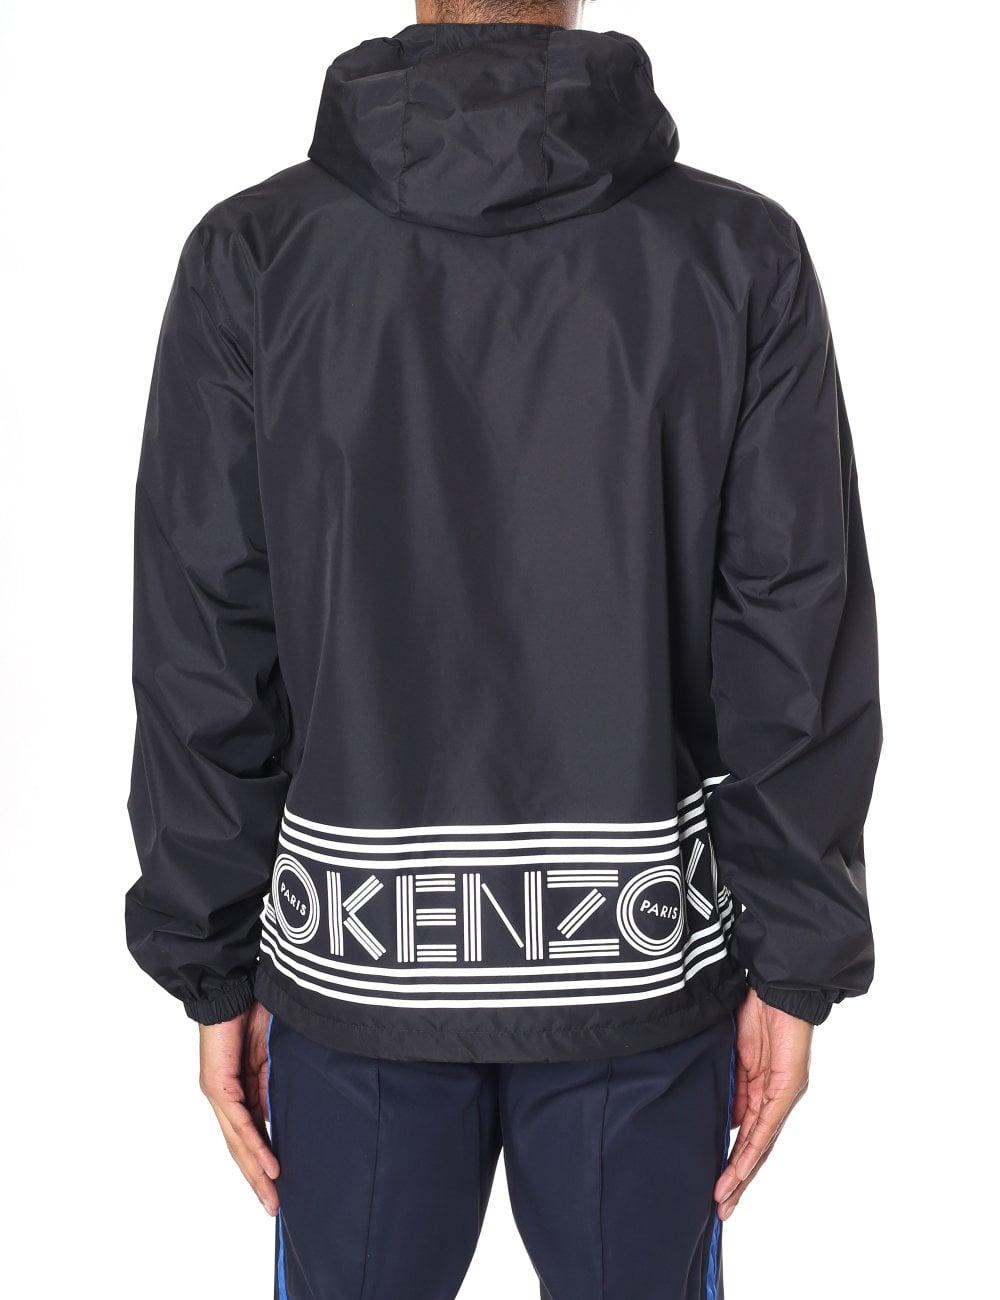 821f64d4 Kenzo Reversible Kenzo Logo Windbreaker Jacket